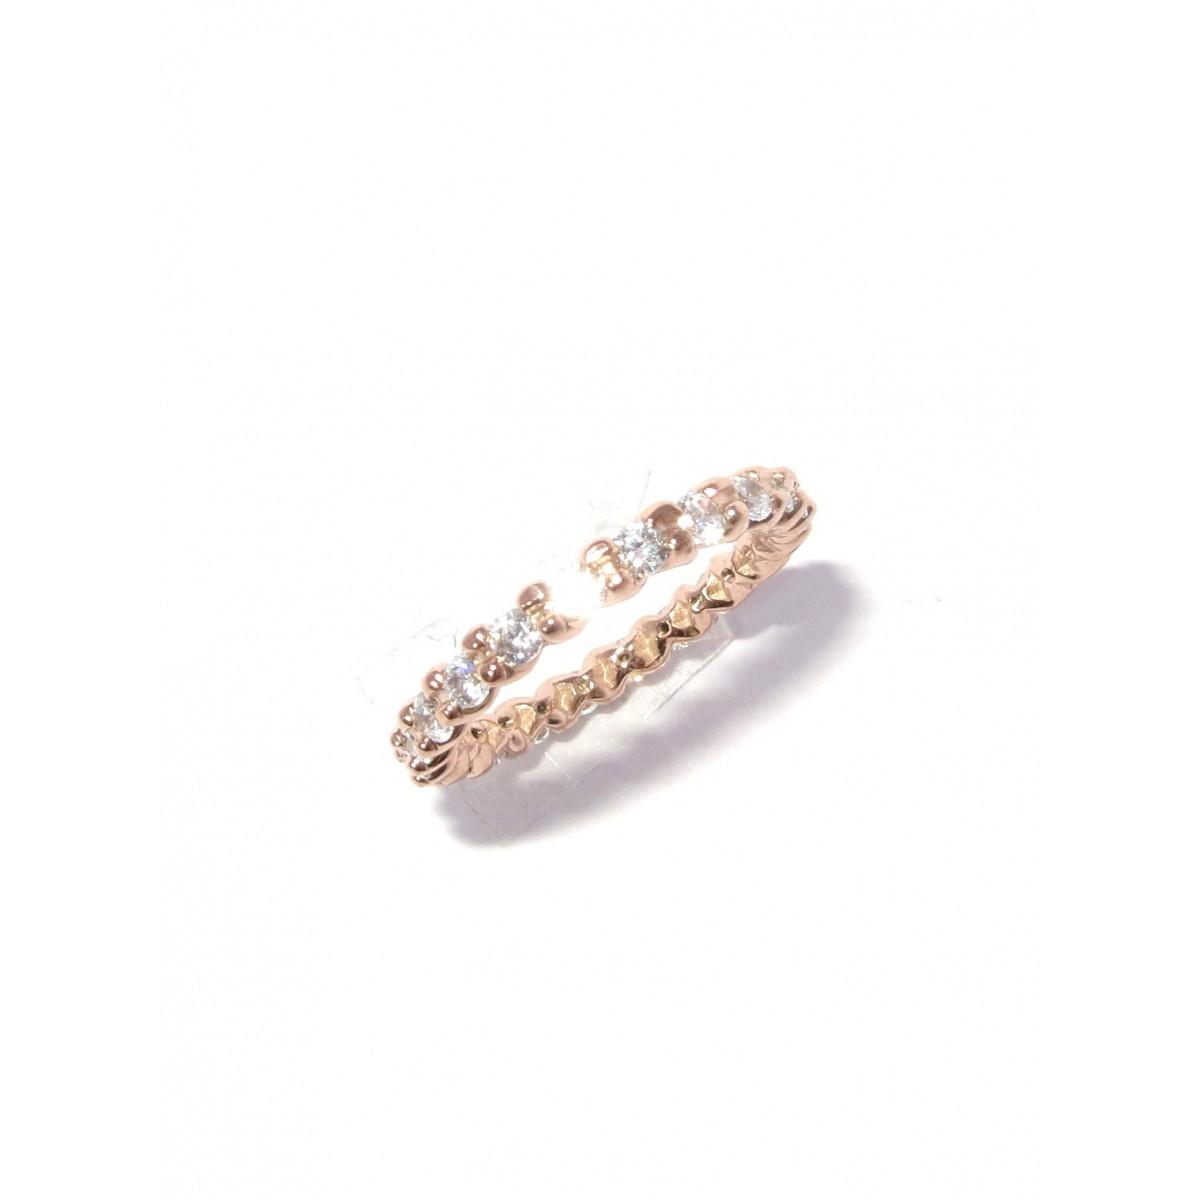 Anel Ouro Rose 18k Inteiro de Diamantes 1.00 quilate  - Sancy